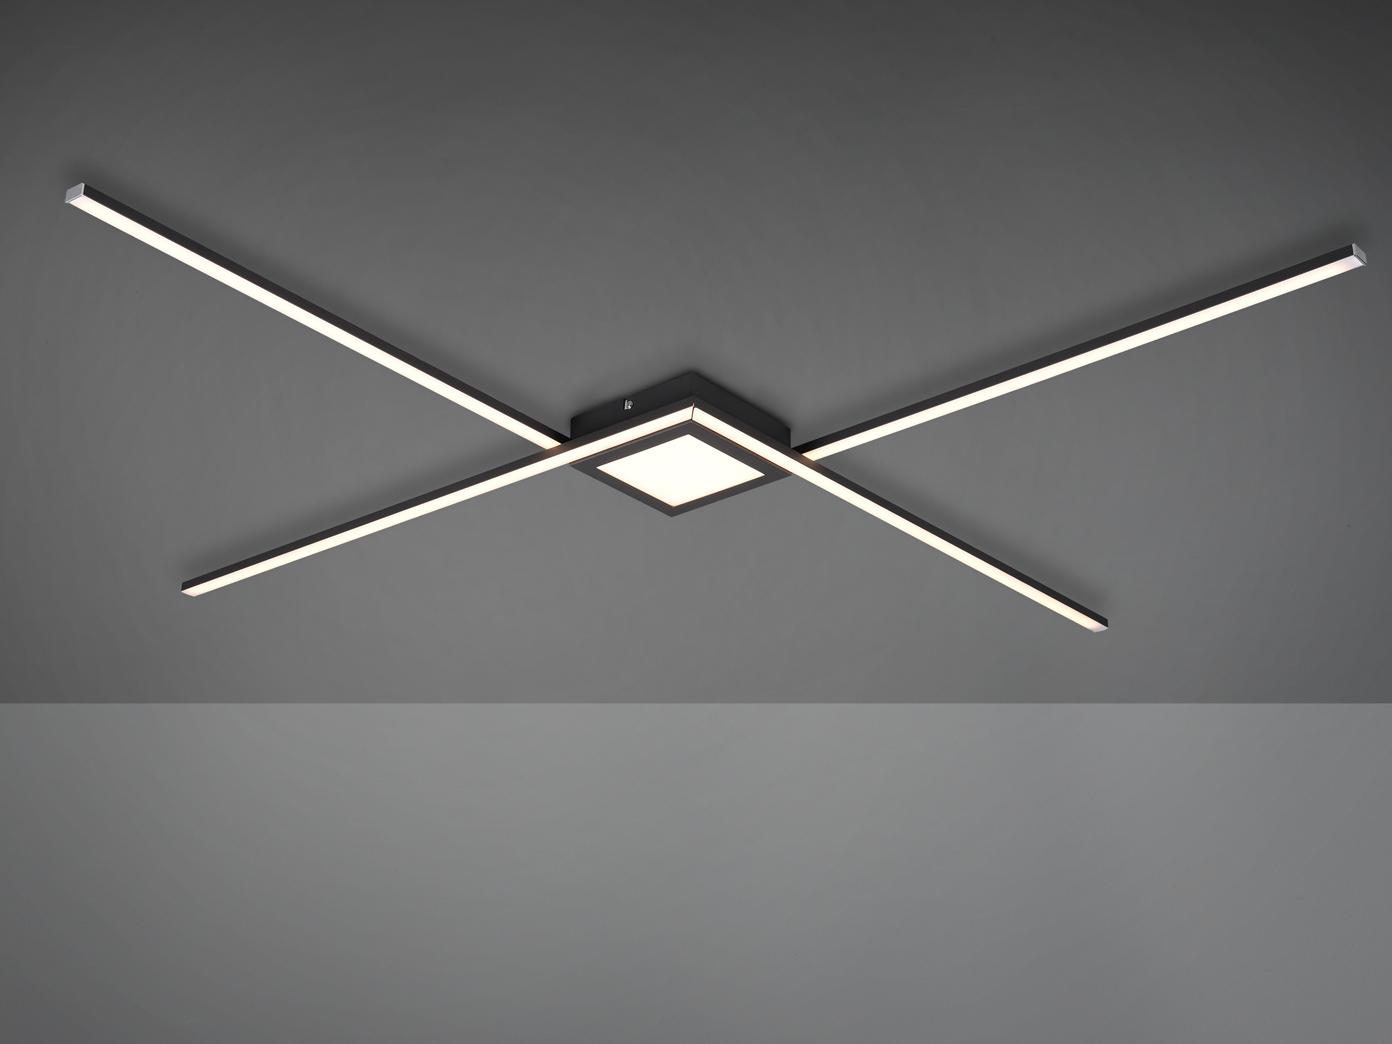 Coole Led Deckenlampe Fur Grosse Galerie Raume Flache Esszimmerleuchten Esstisch Kaufen Bei Setpoint Deutschland Gmbh